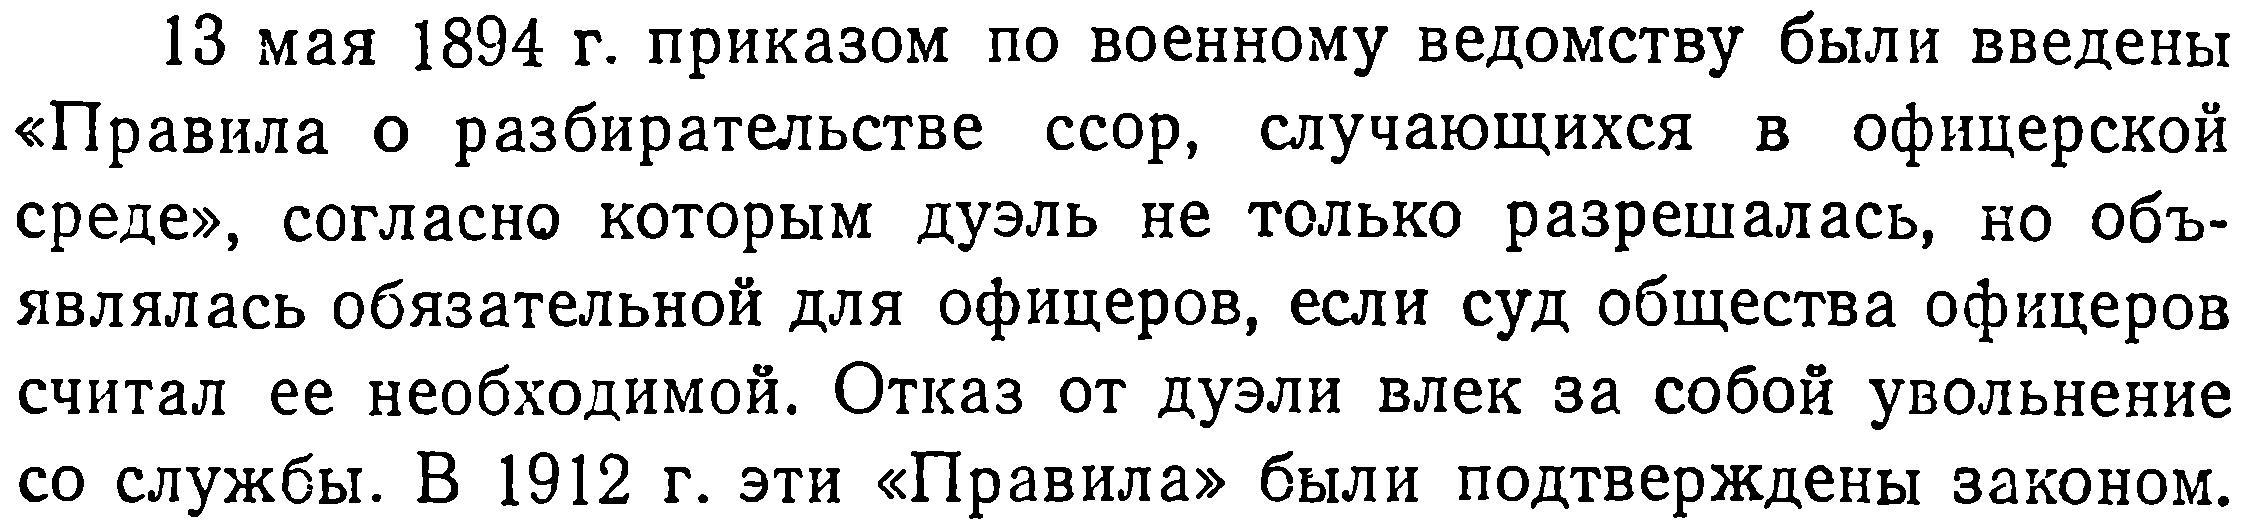 Том 03. Произведения 1902-1905 гг. Примечания О дуэлях